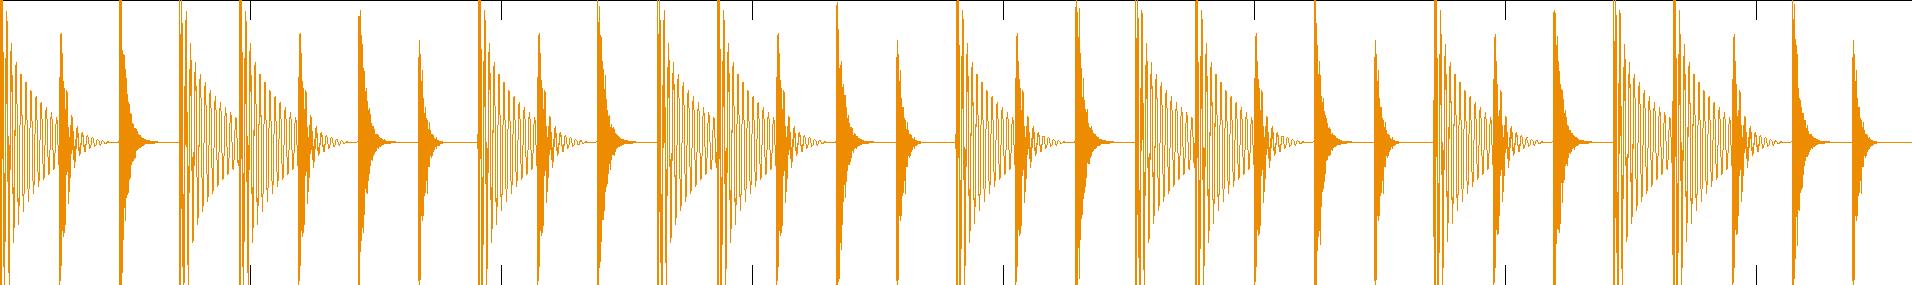 TechnoDrum02_00_MIX